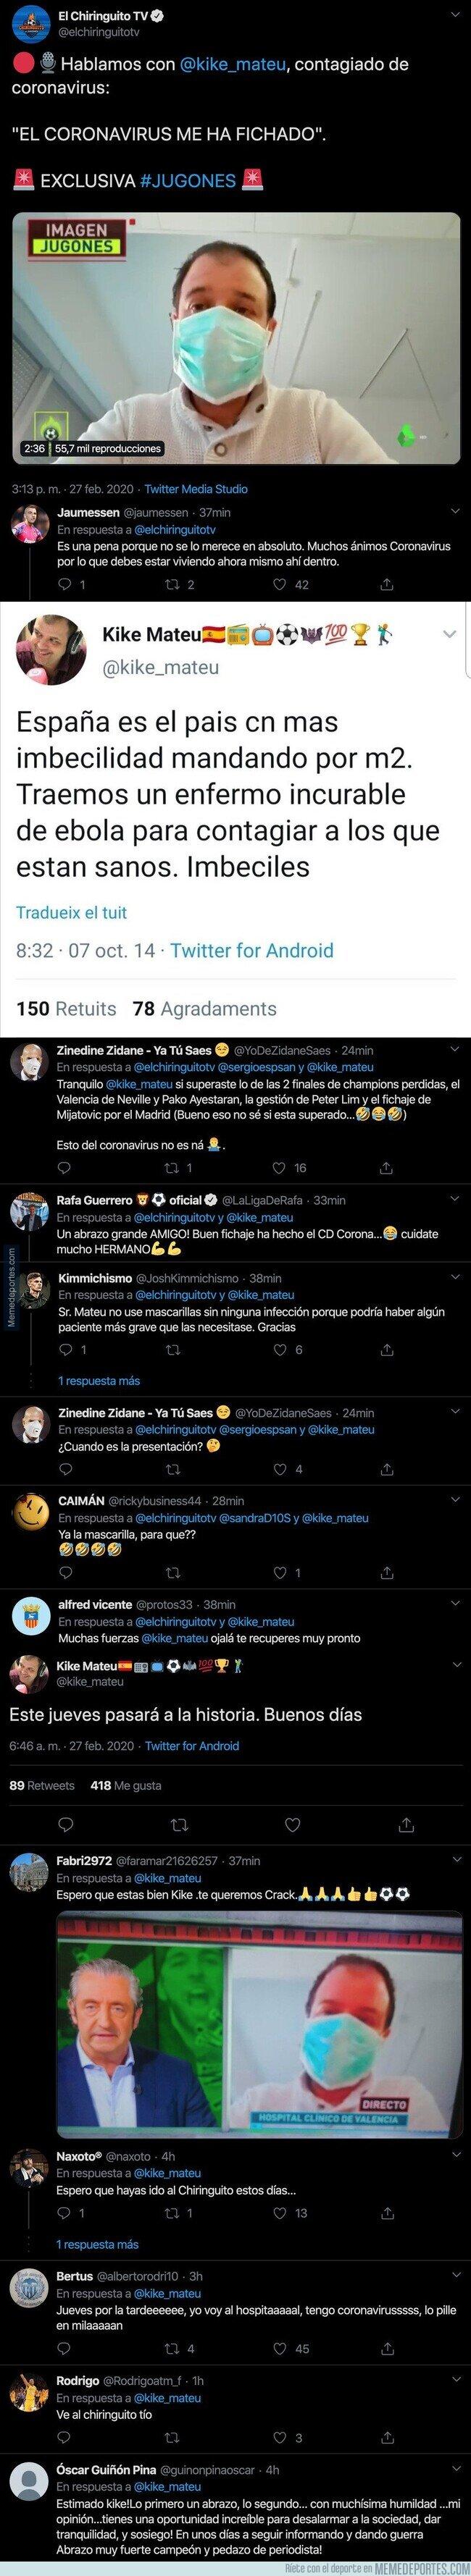 1099368 - Se descubre que un periodista de 'El Chiringuito' tiene el Coronavirus e internet está que echa humo mandándole mensajes